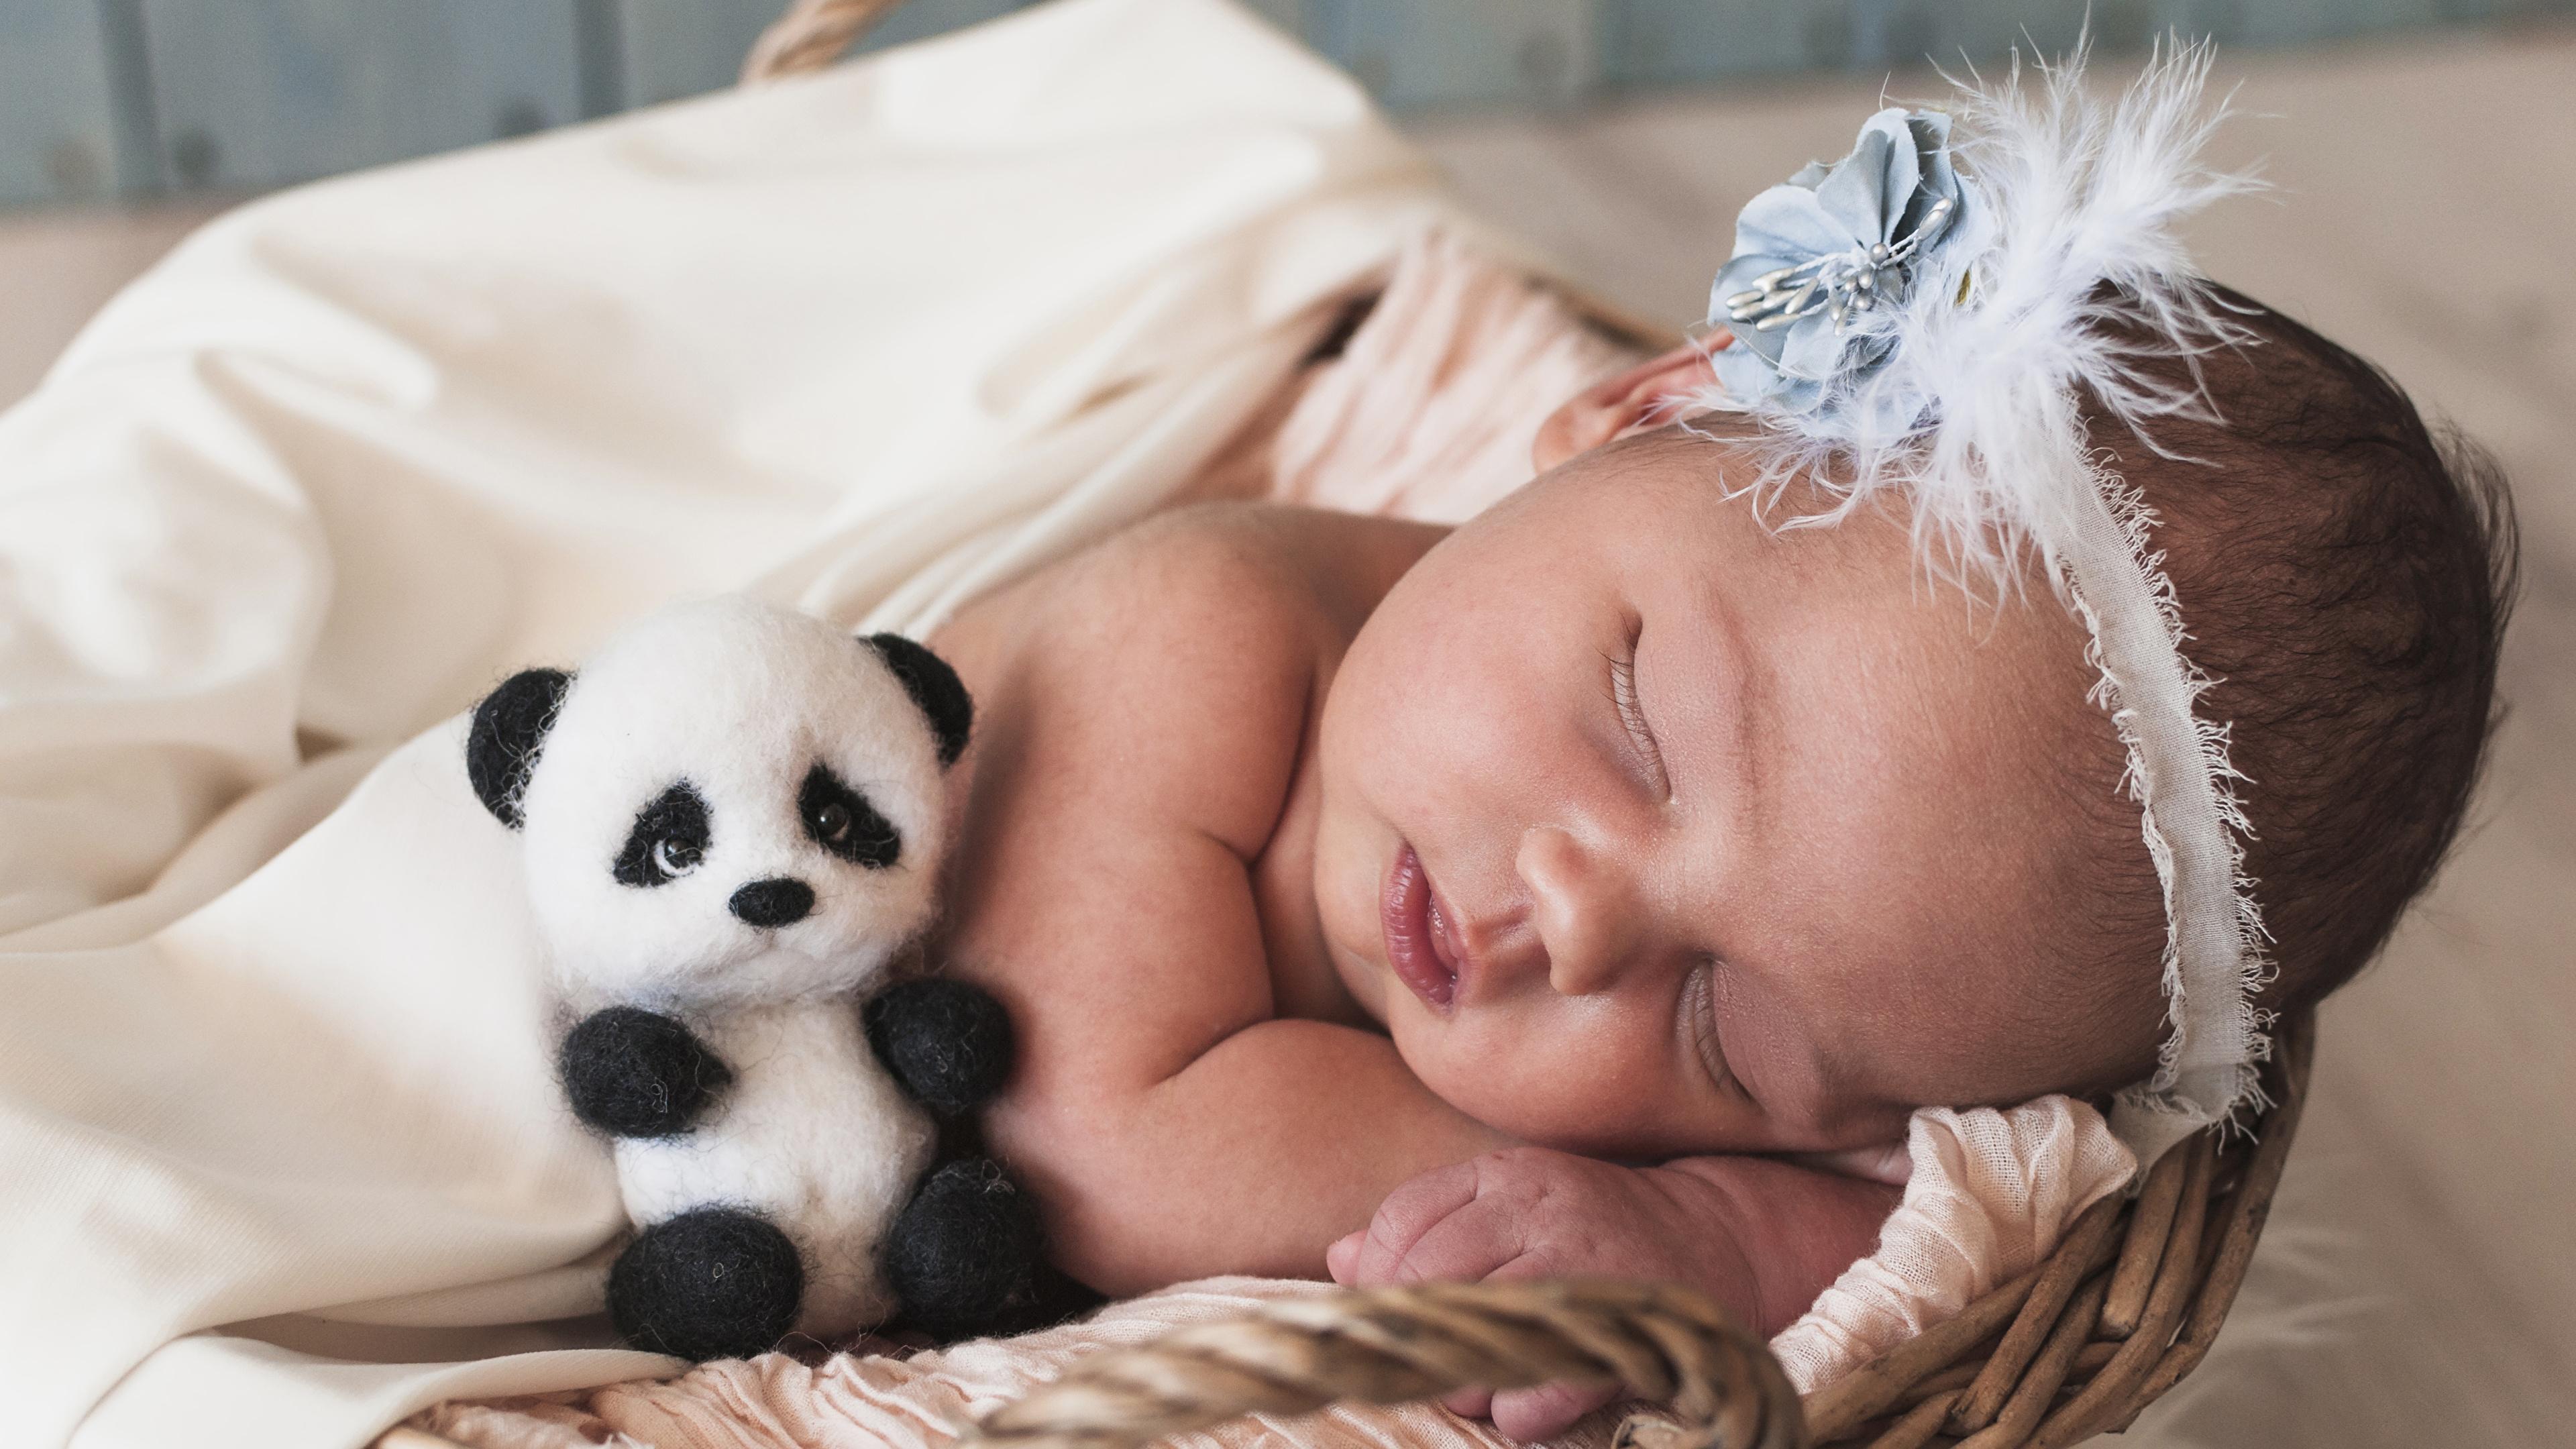 Фотографии младенец Дети сон Мишки 3840x2160 младенца Младенцы грудной ребёнок ребёнок спят Спит спящий Плюшевый мишка